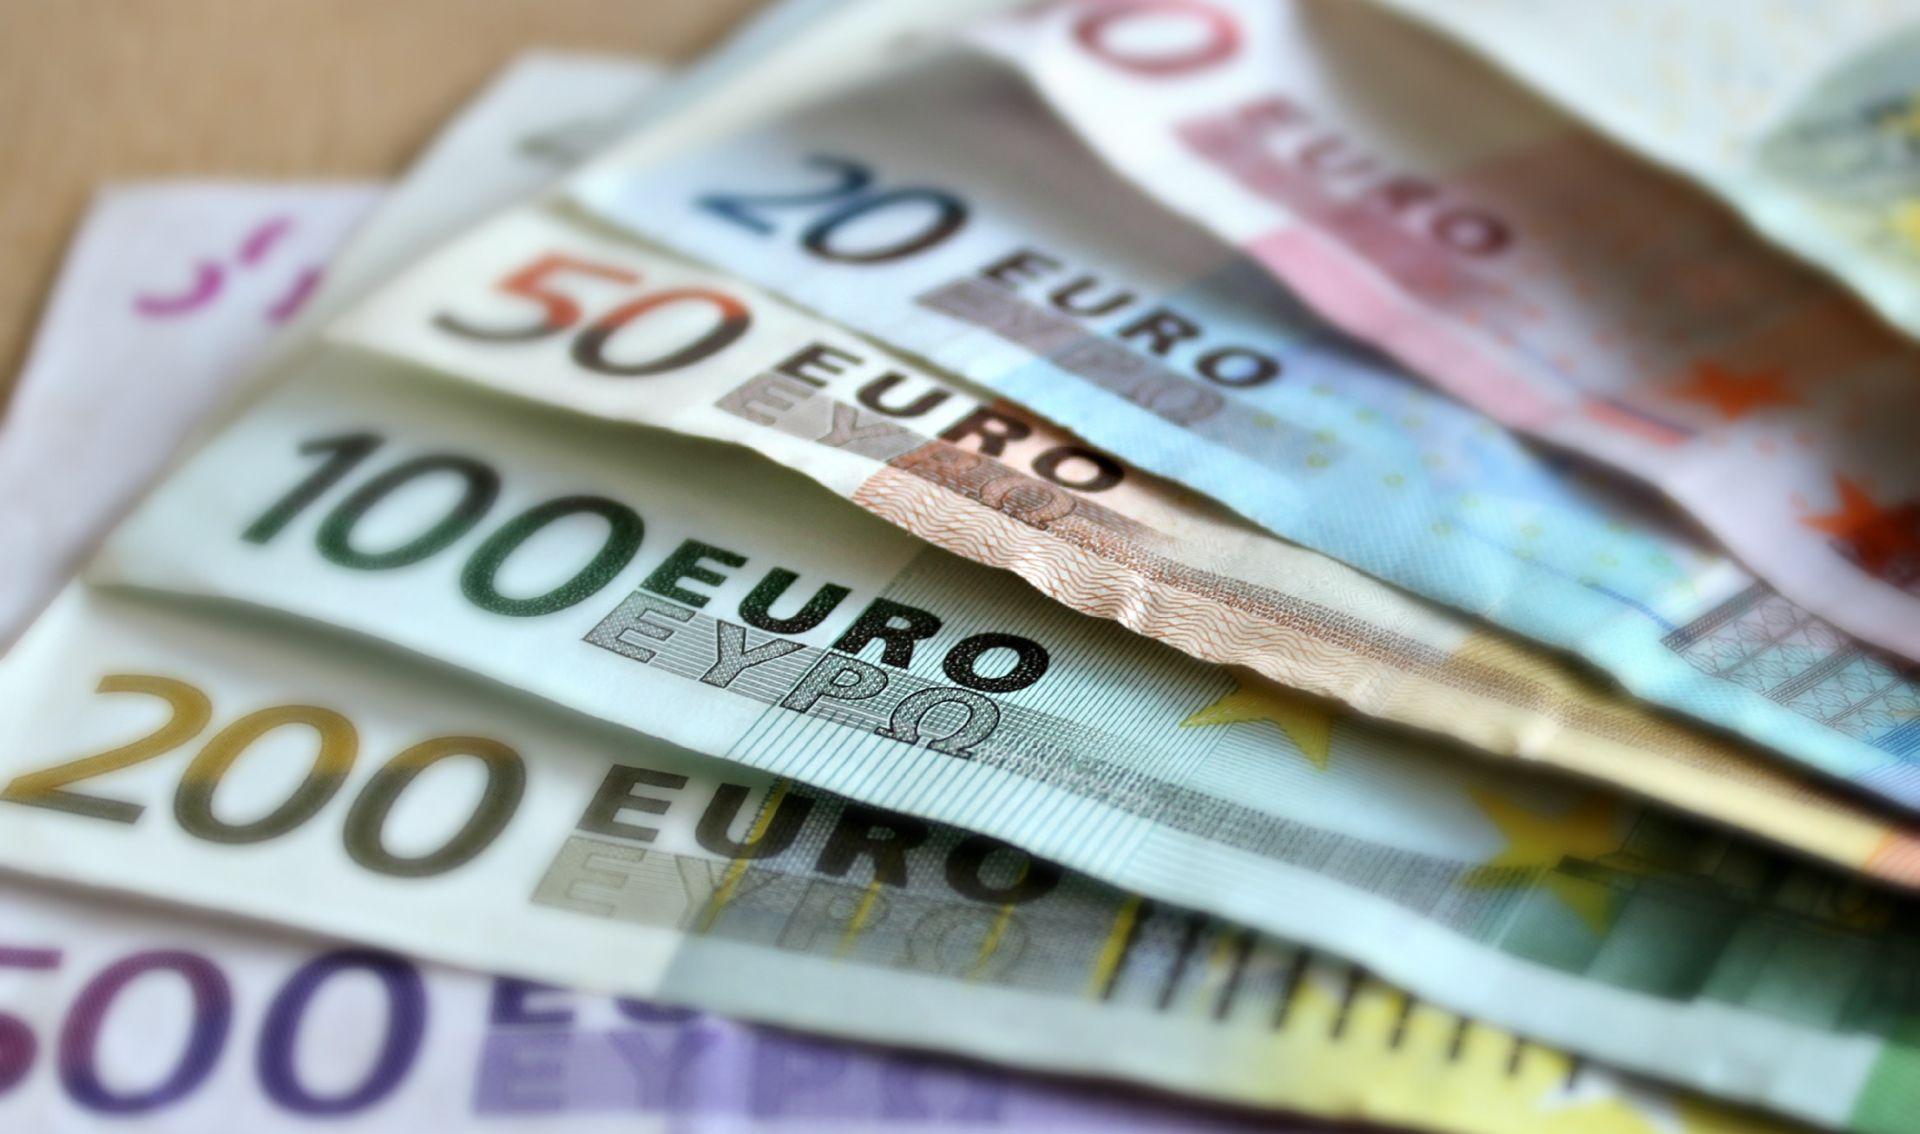 Talijanska policija istražuje 59.000 ljudi zbog porezne utaje